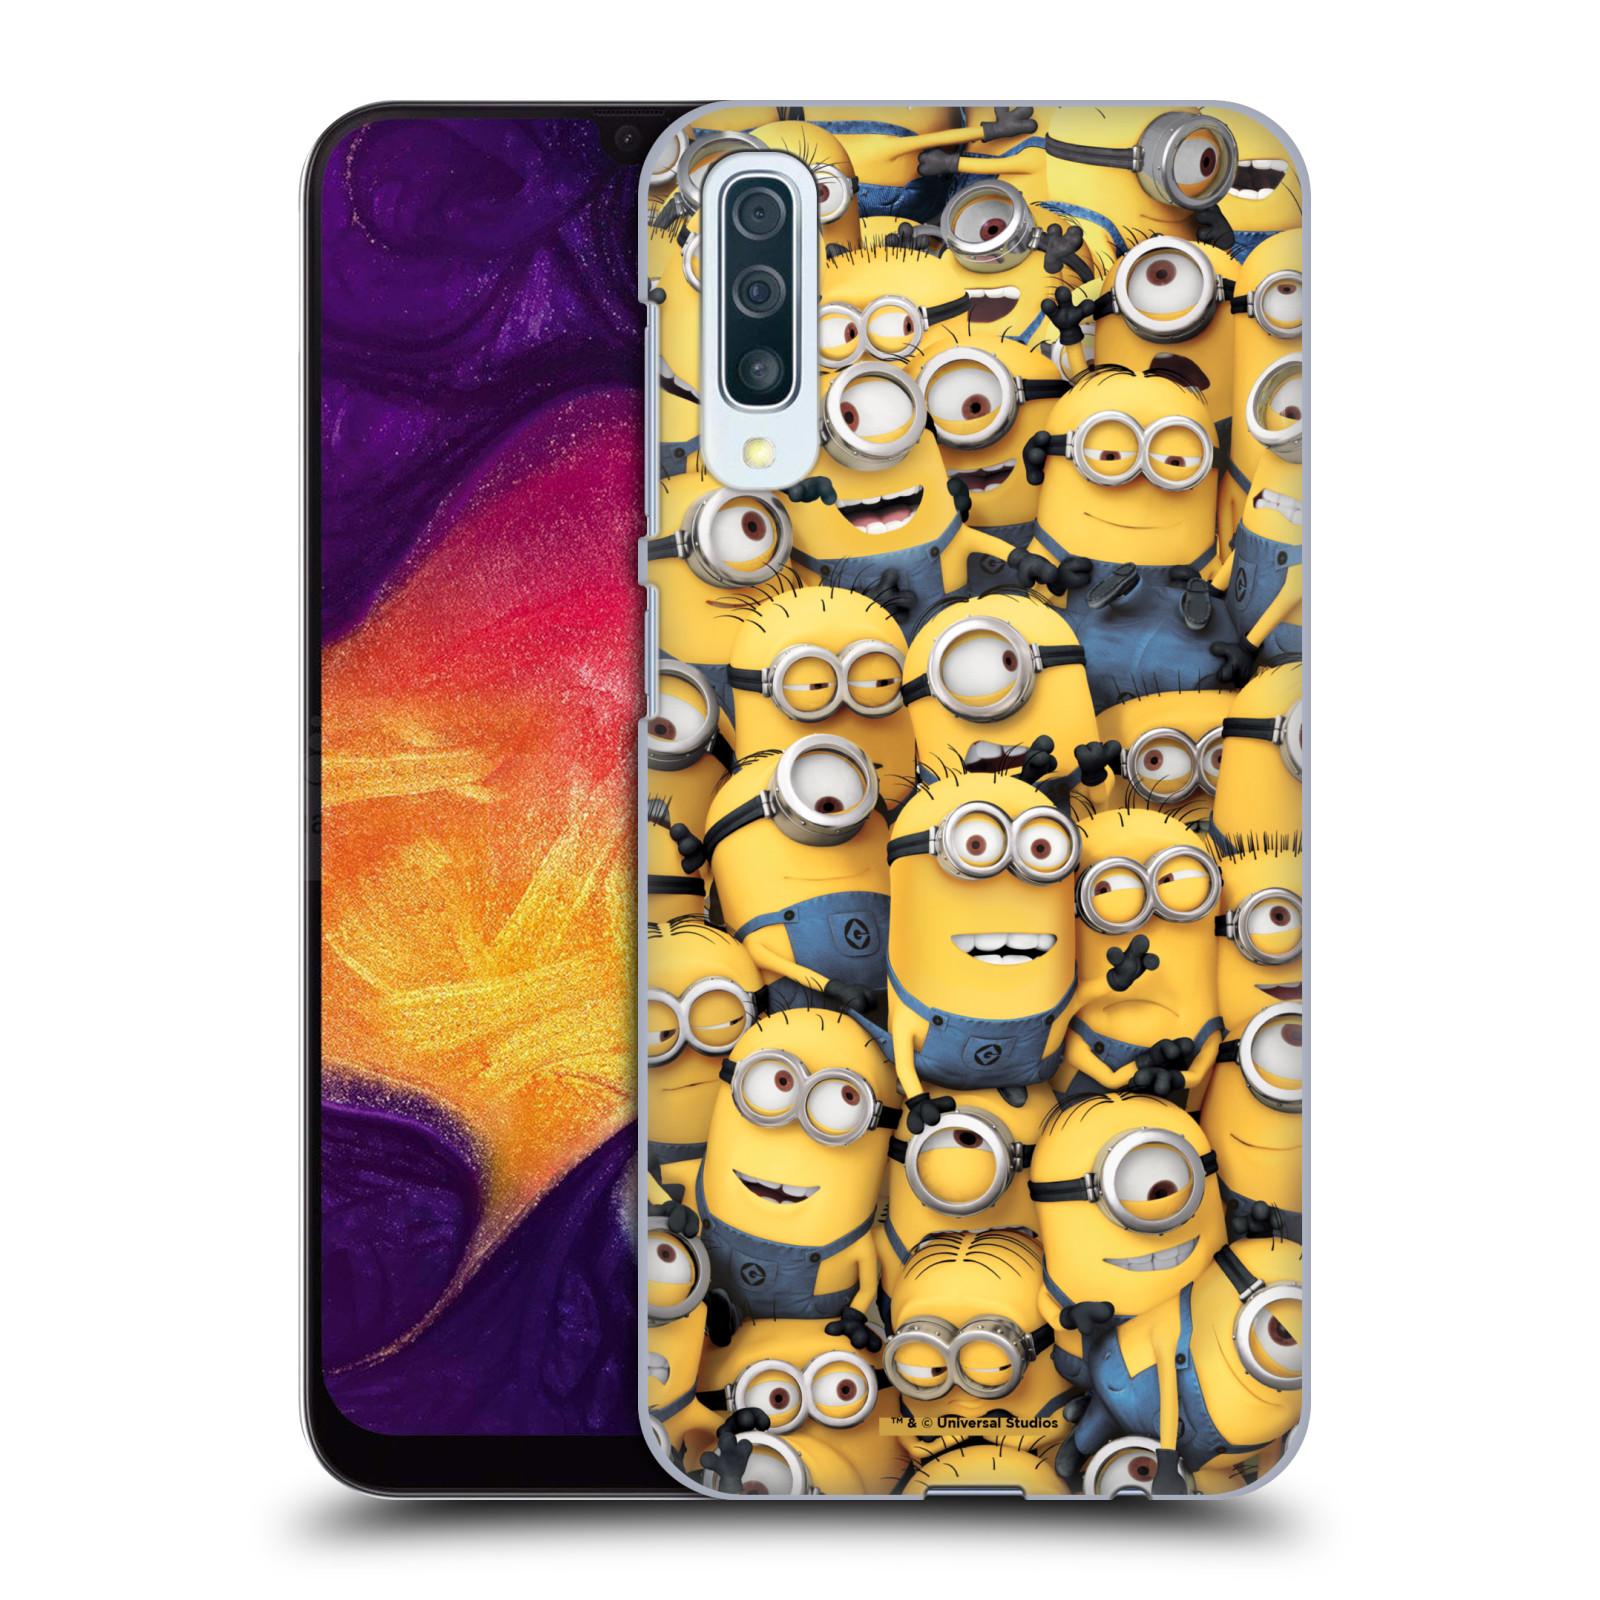 Plastové pouzdro na mobil Samsung Galaxy A50 / A30s - Head Case - Mimoni všude z filmu Já, padouch - Despicable Me